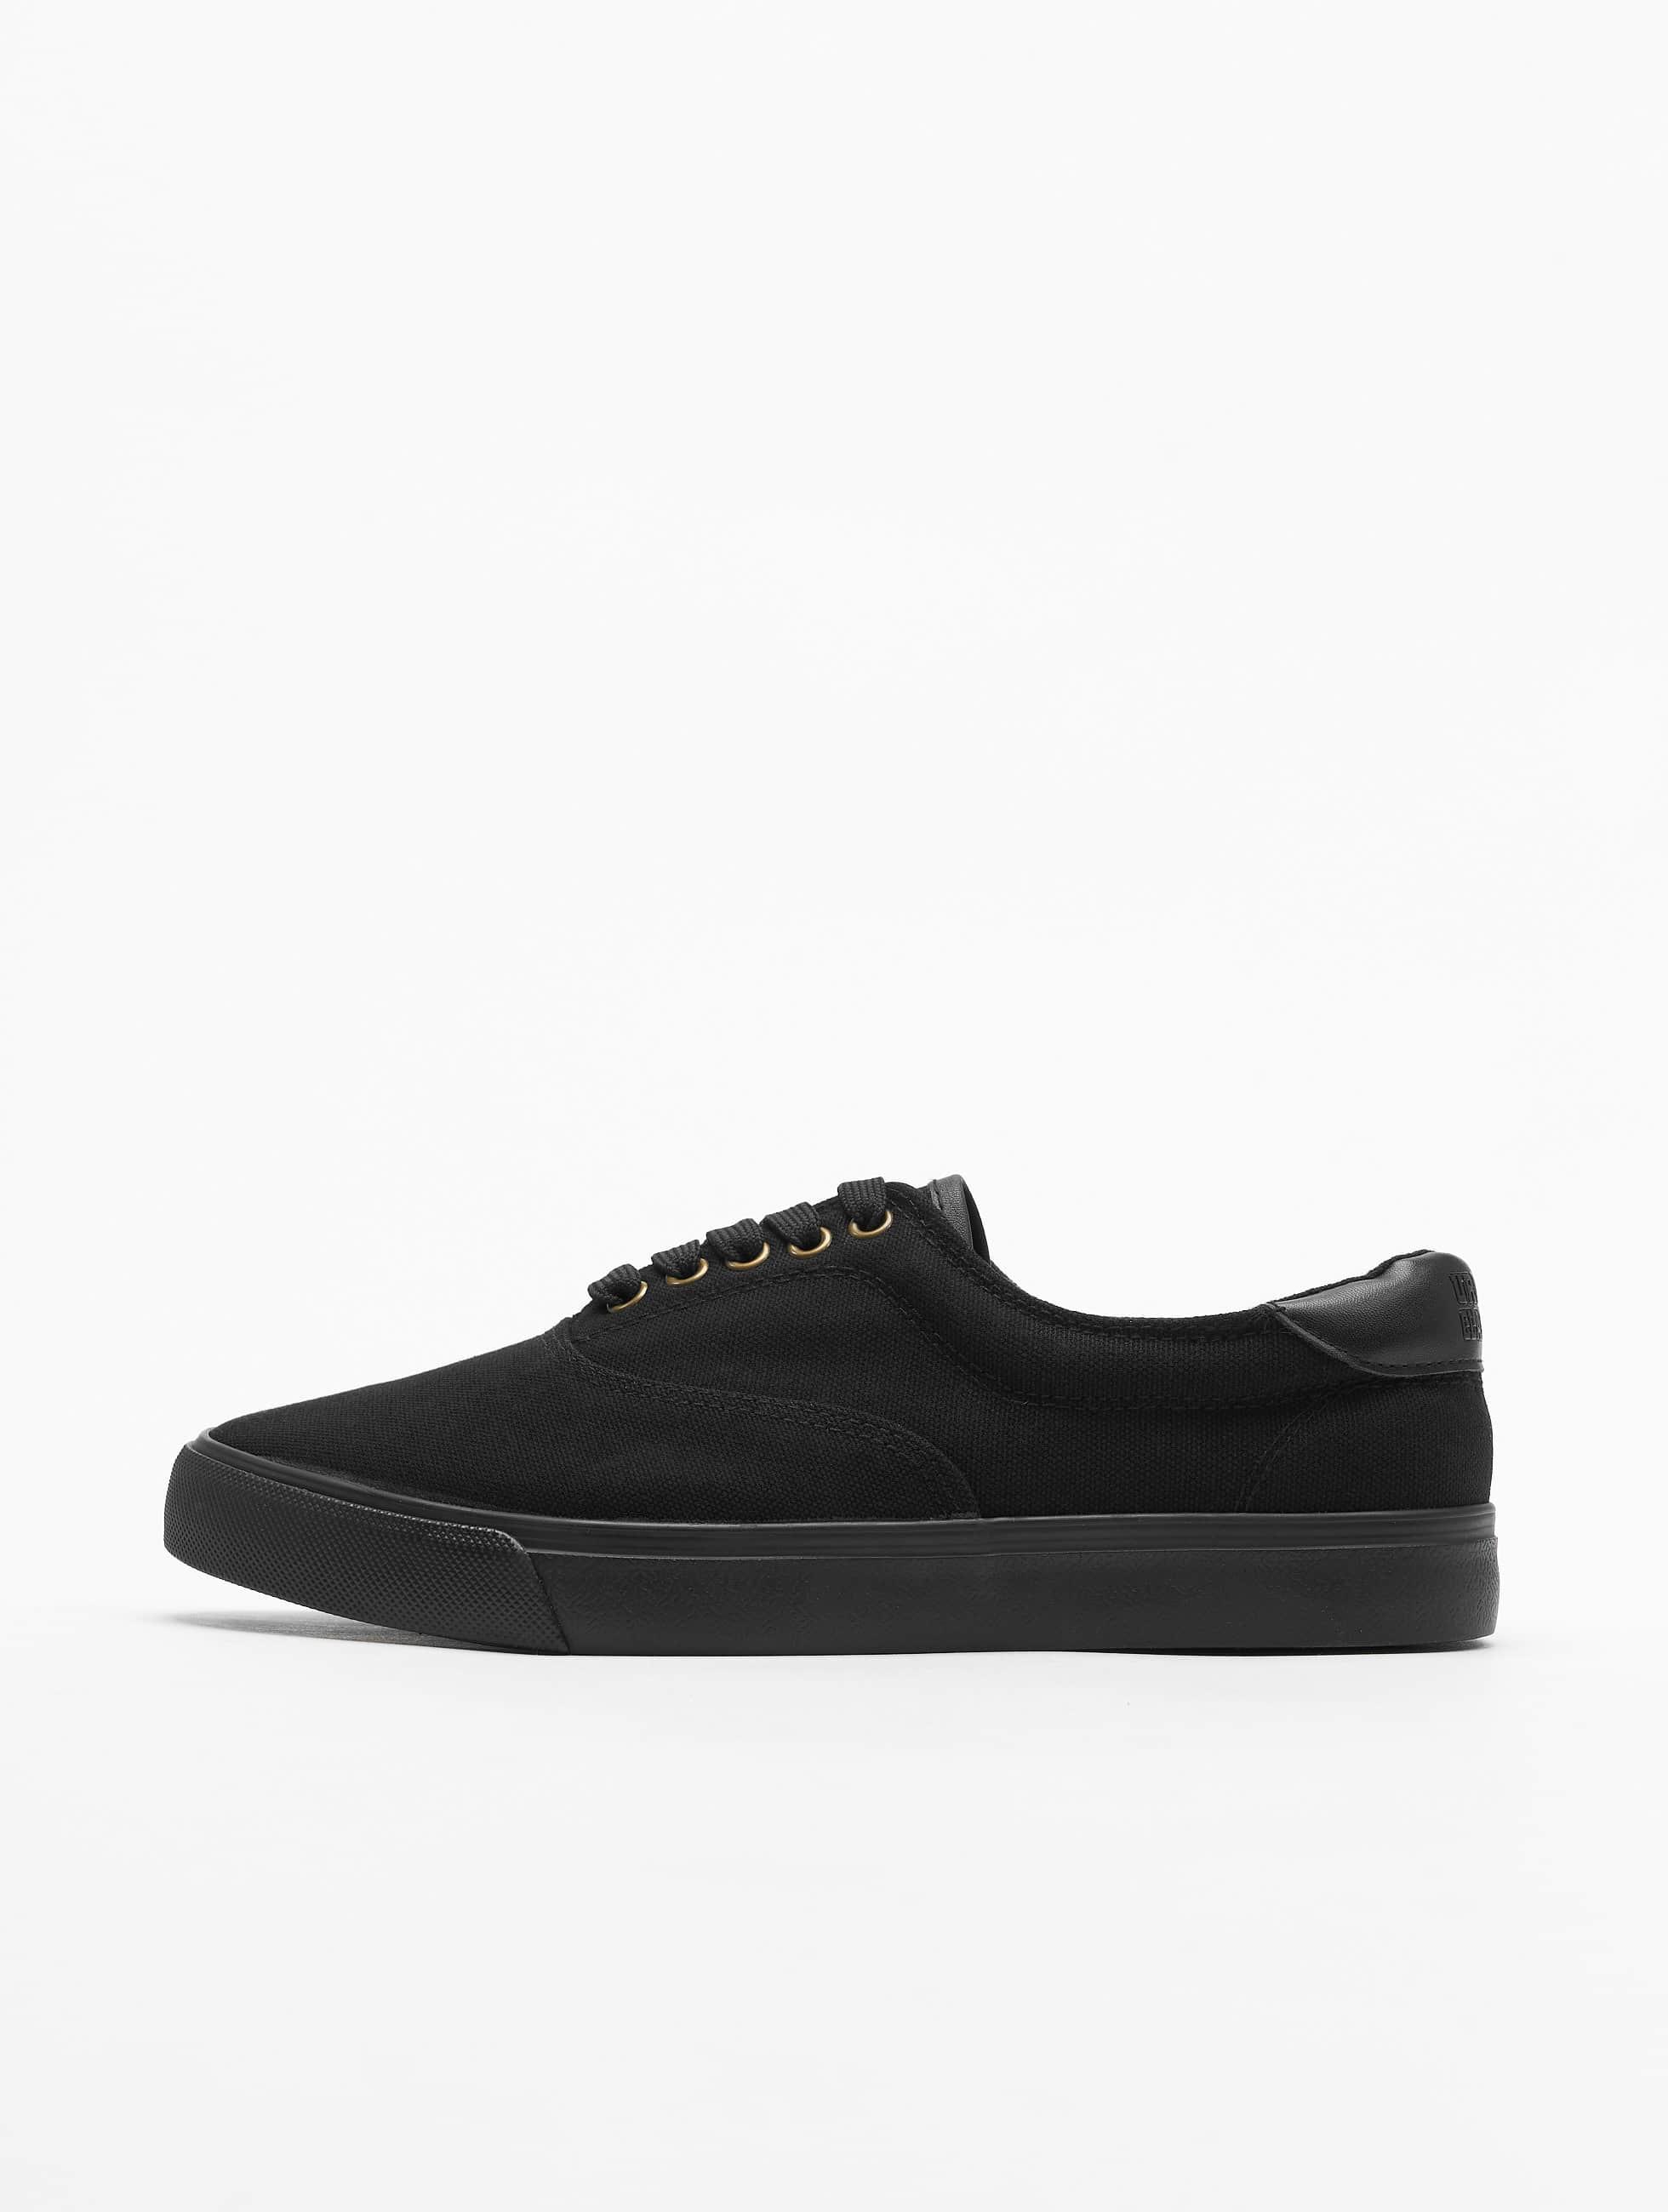 Urban Classics Urbain Noir Chaussures Taille 36 Pour Les Femmes Urbaines bqZmOjt